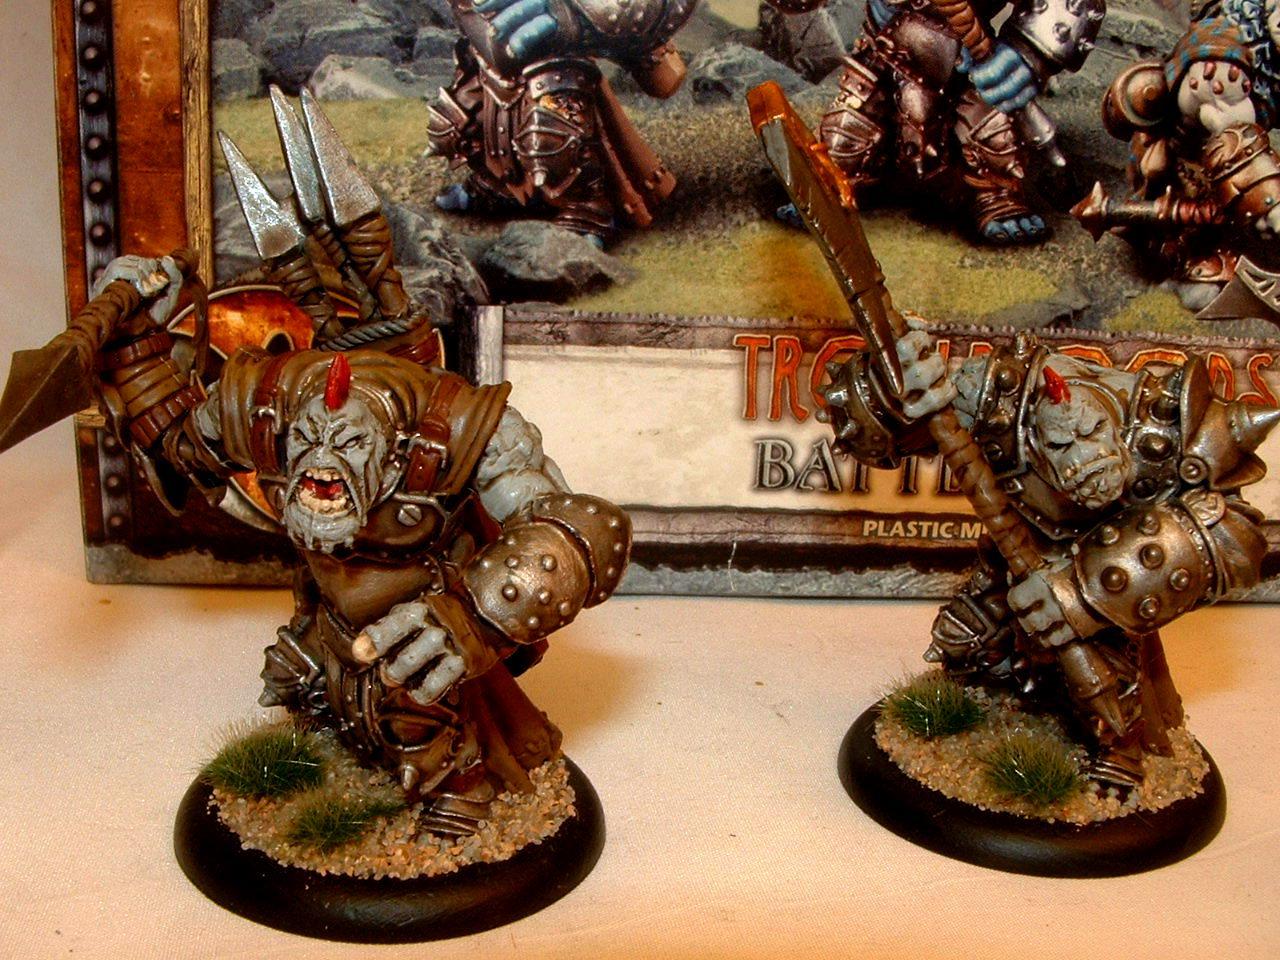 Battle Box, Battle Group, Design, Hordes, Painting, Privateer Press, Troll, Troll Kin, Trollbloods, Trollkin, War Caster, War Jack, War Pack, Warcaster, Warjack, Warlock, Warmachine, Warpack